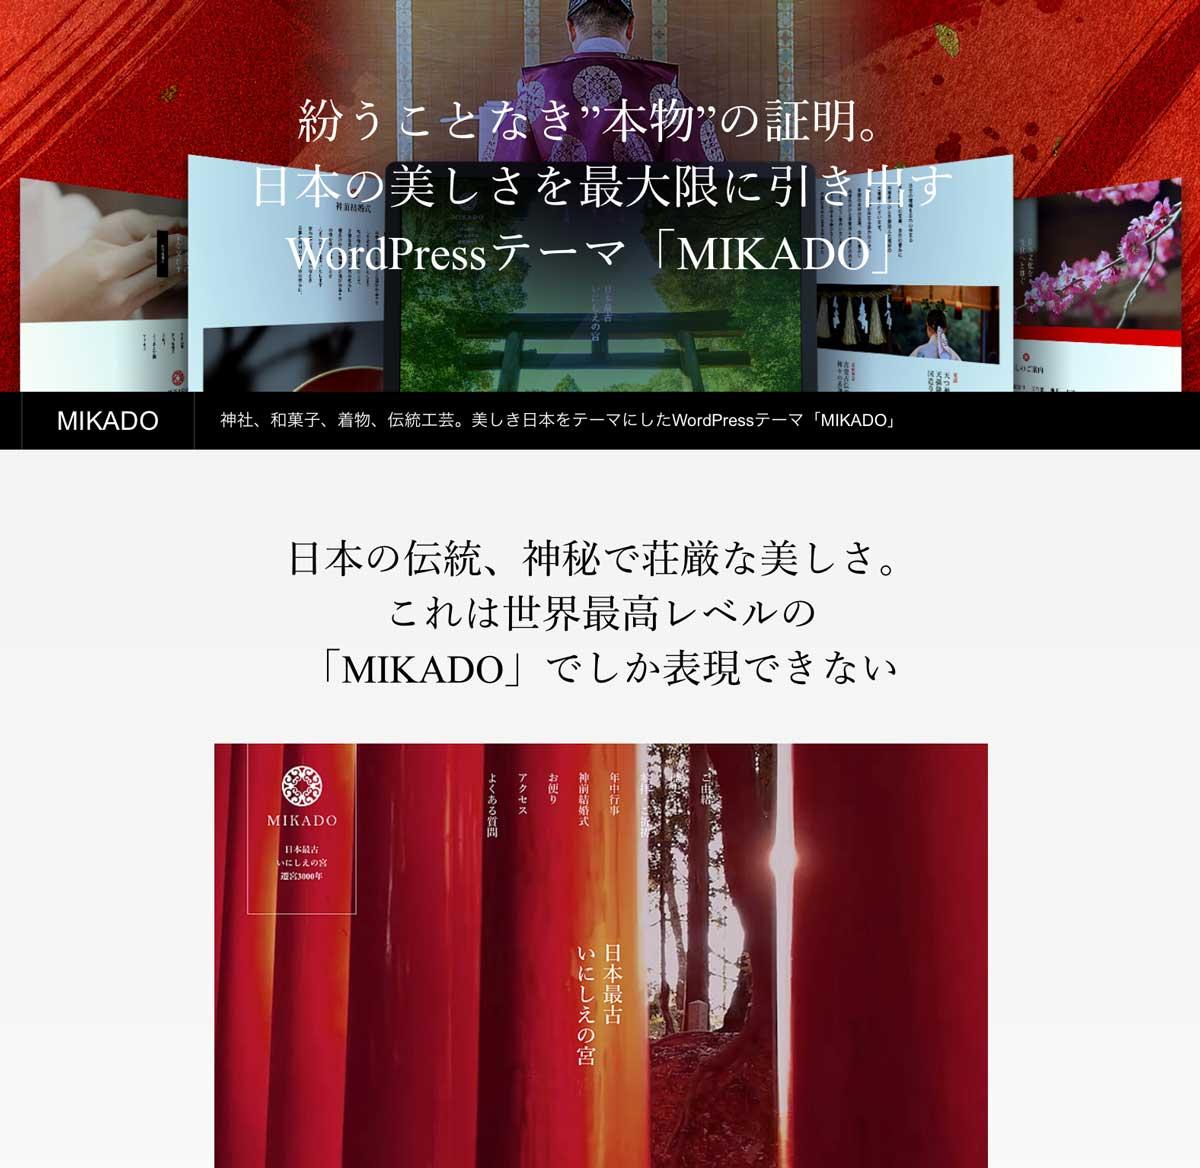 MIKADOは、神社や寺院をコンセプトにし、日本の美的感覚を表現したテーマ(WPテーマ、ワードプレステーマ) wordpress_free_themes_tcd071_01